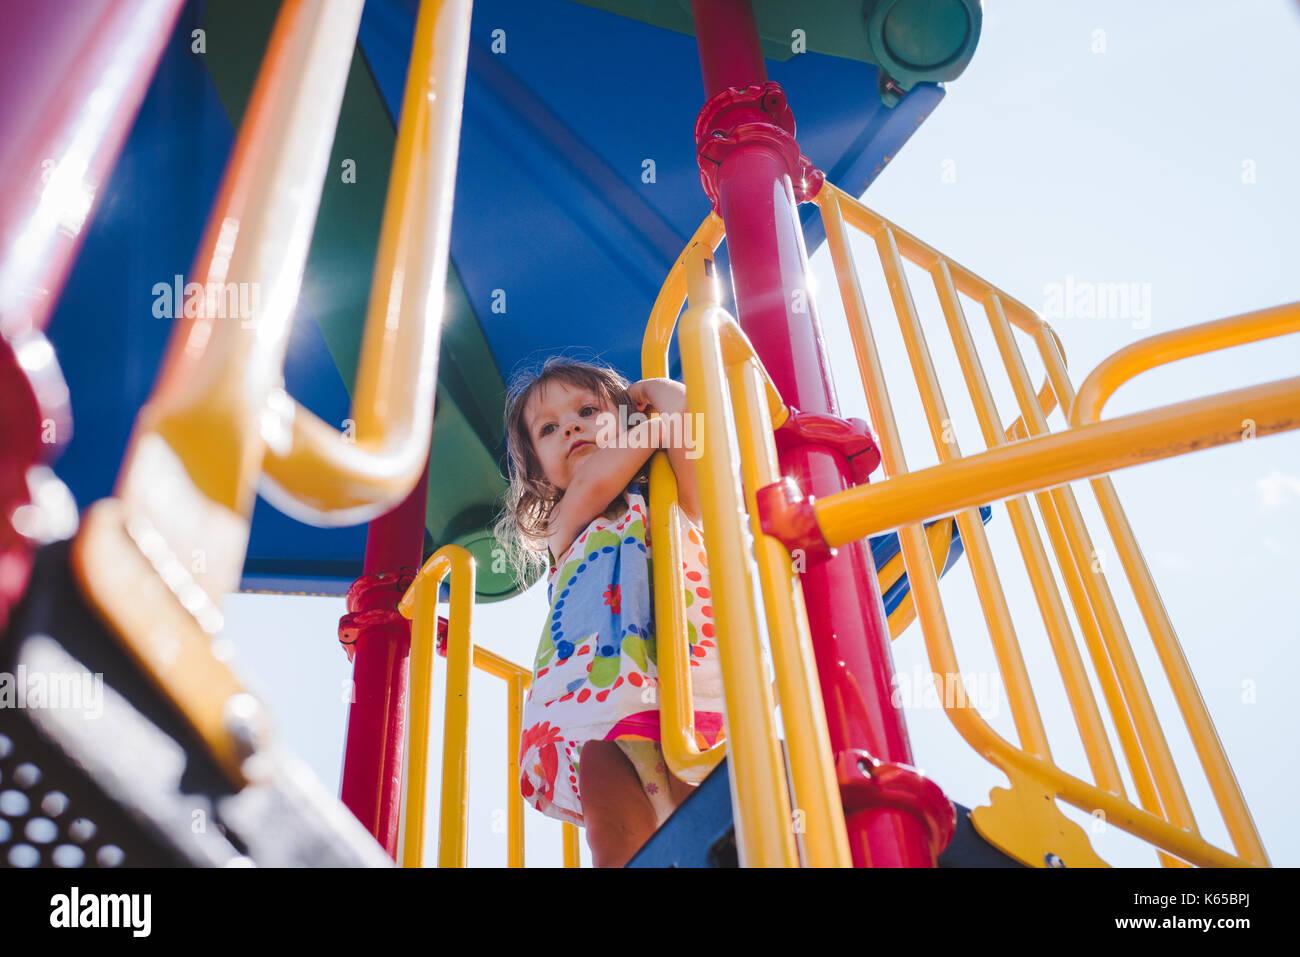 Un bambino bambina gioca sul parco giochi in una giornata di sole. Immagini Stock